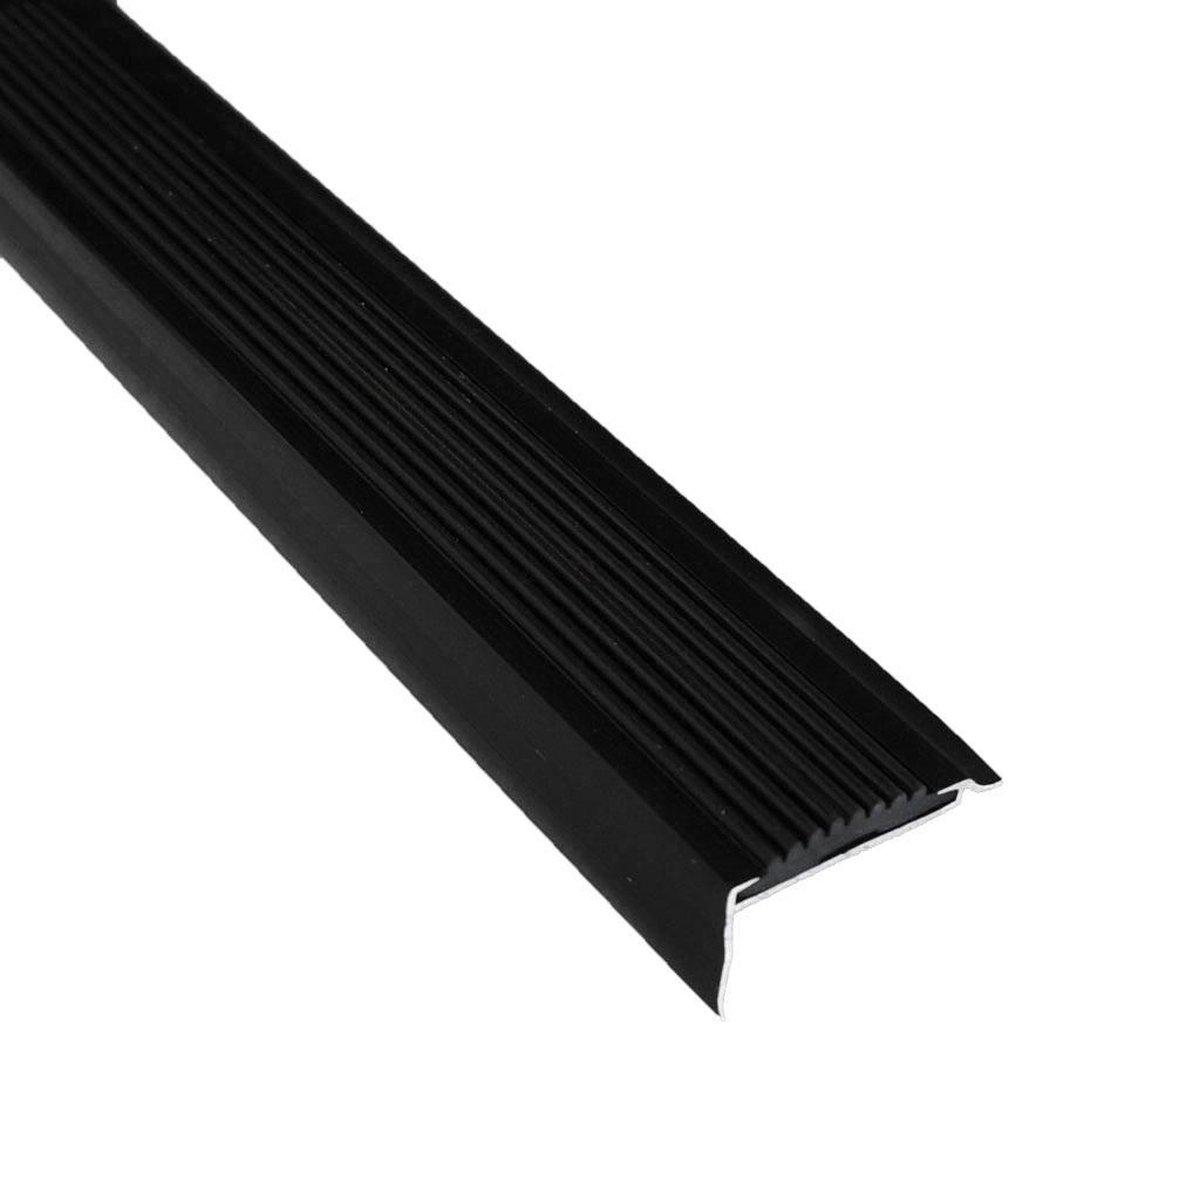 Aluminium trapprofiel zwart 42 x 22 x 1350 mm - 1 stuk